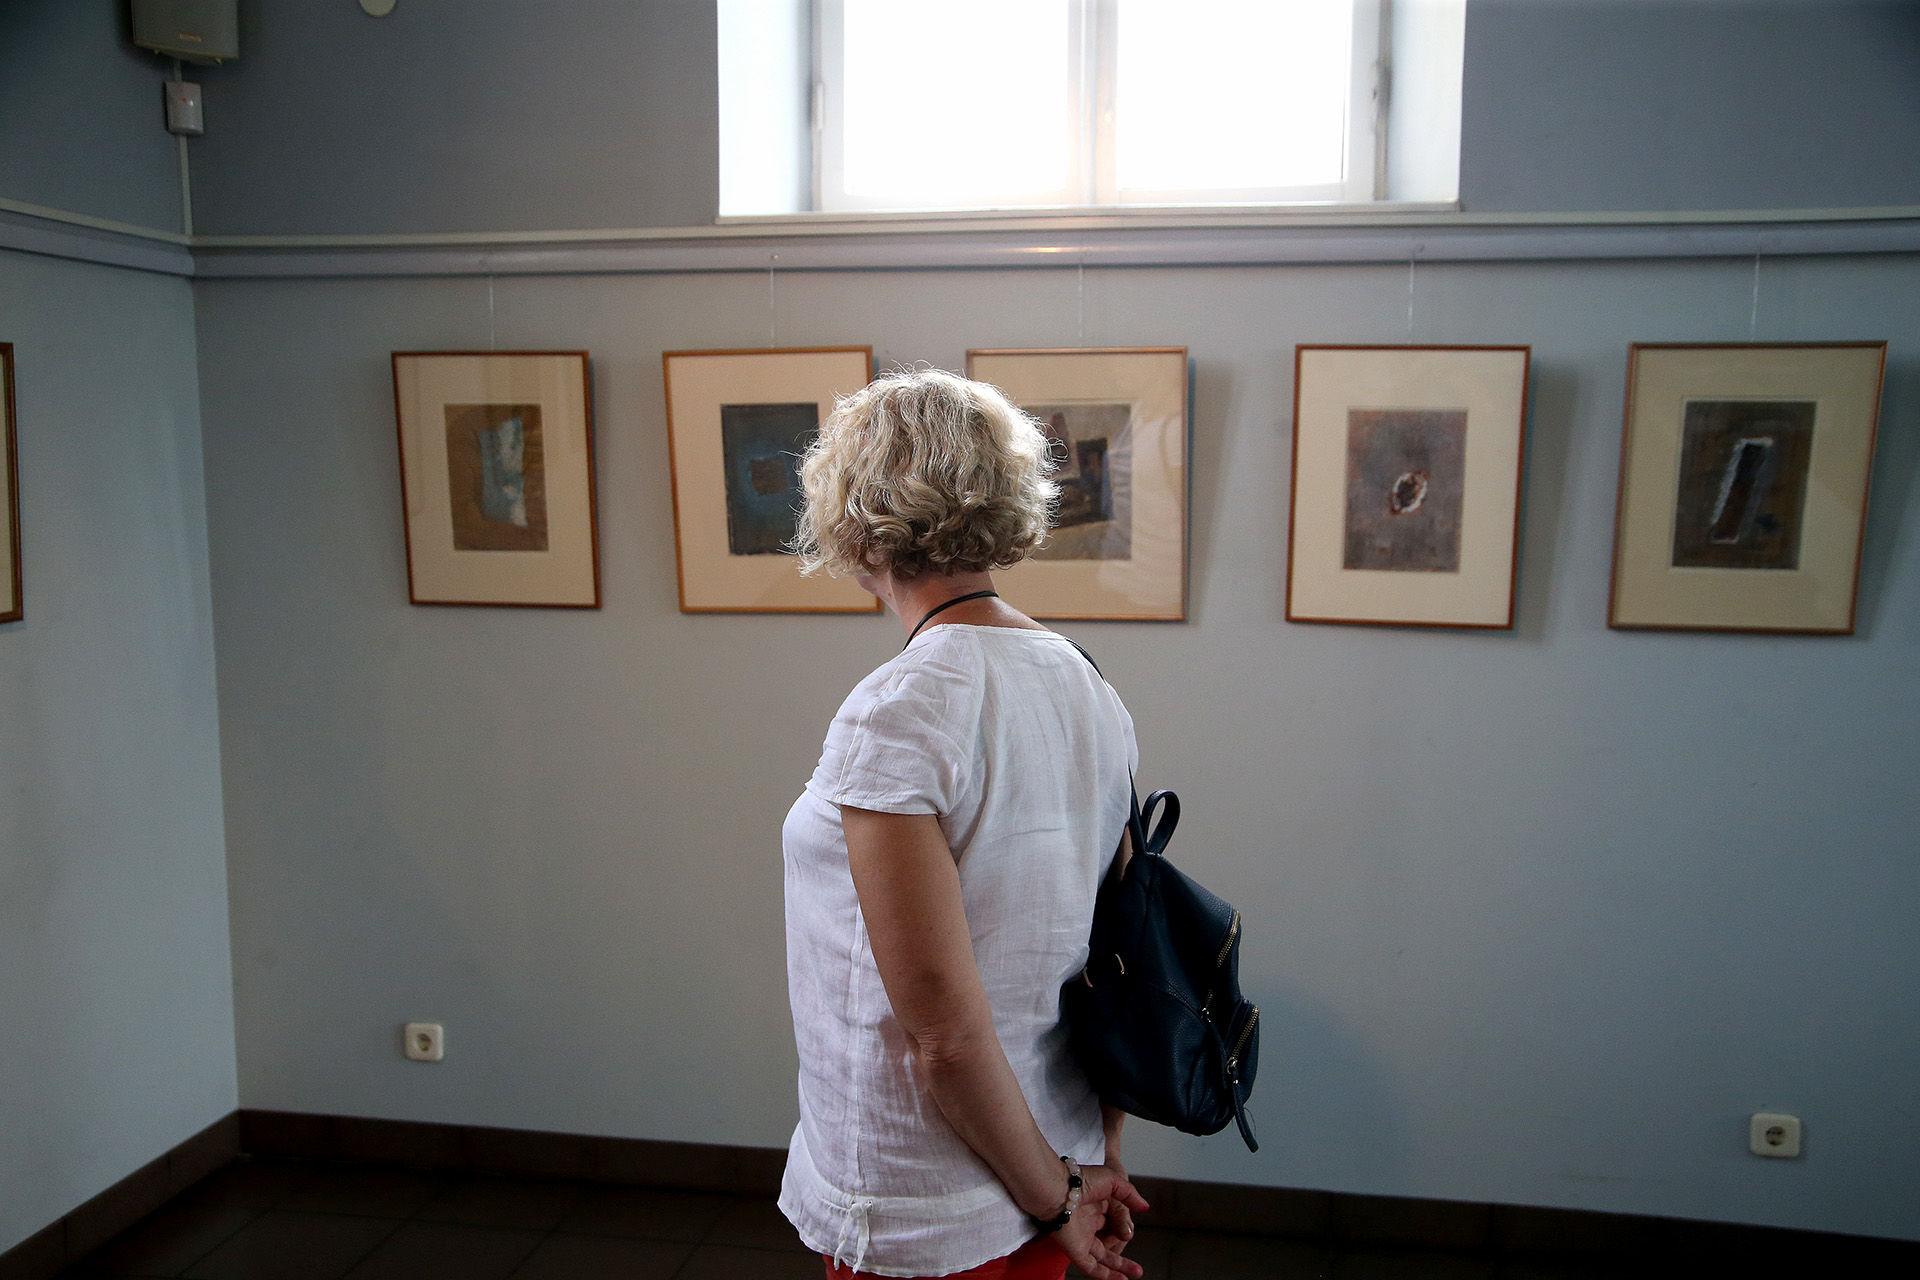 Menininkės koliažai – ne kas kita, kaip autorės susikaupusių minčių, užfiksuotų idėjų ir jos kelyje pasitaikiusių radinių samplaika popieriuje. / Algimanto Barzdžiaus nuotr.